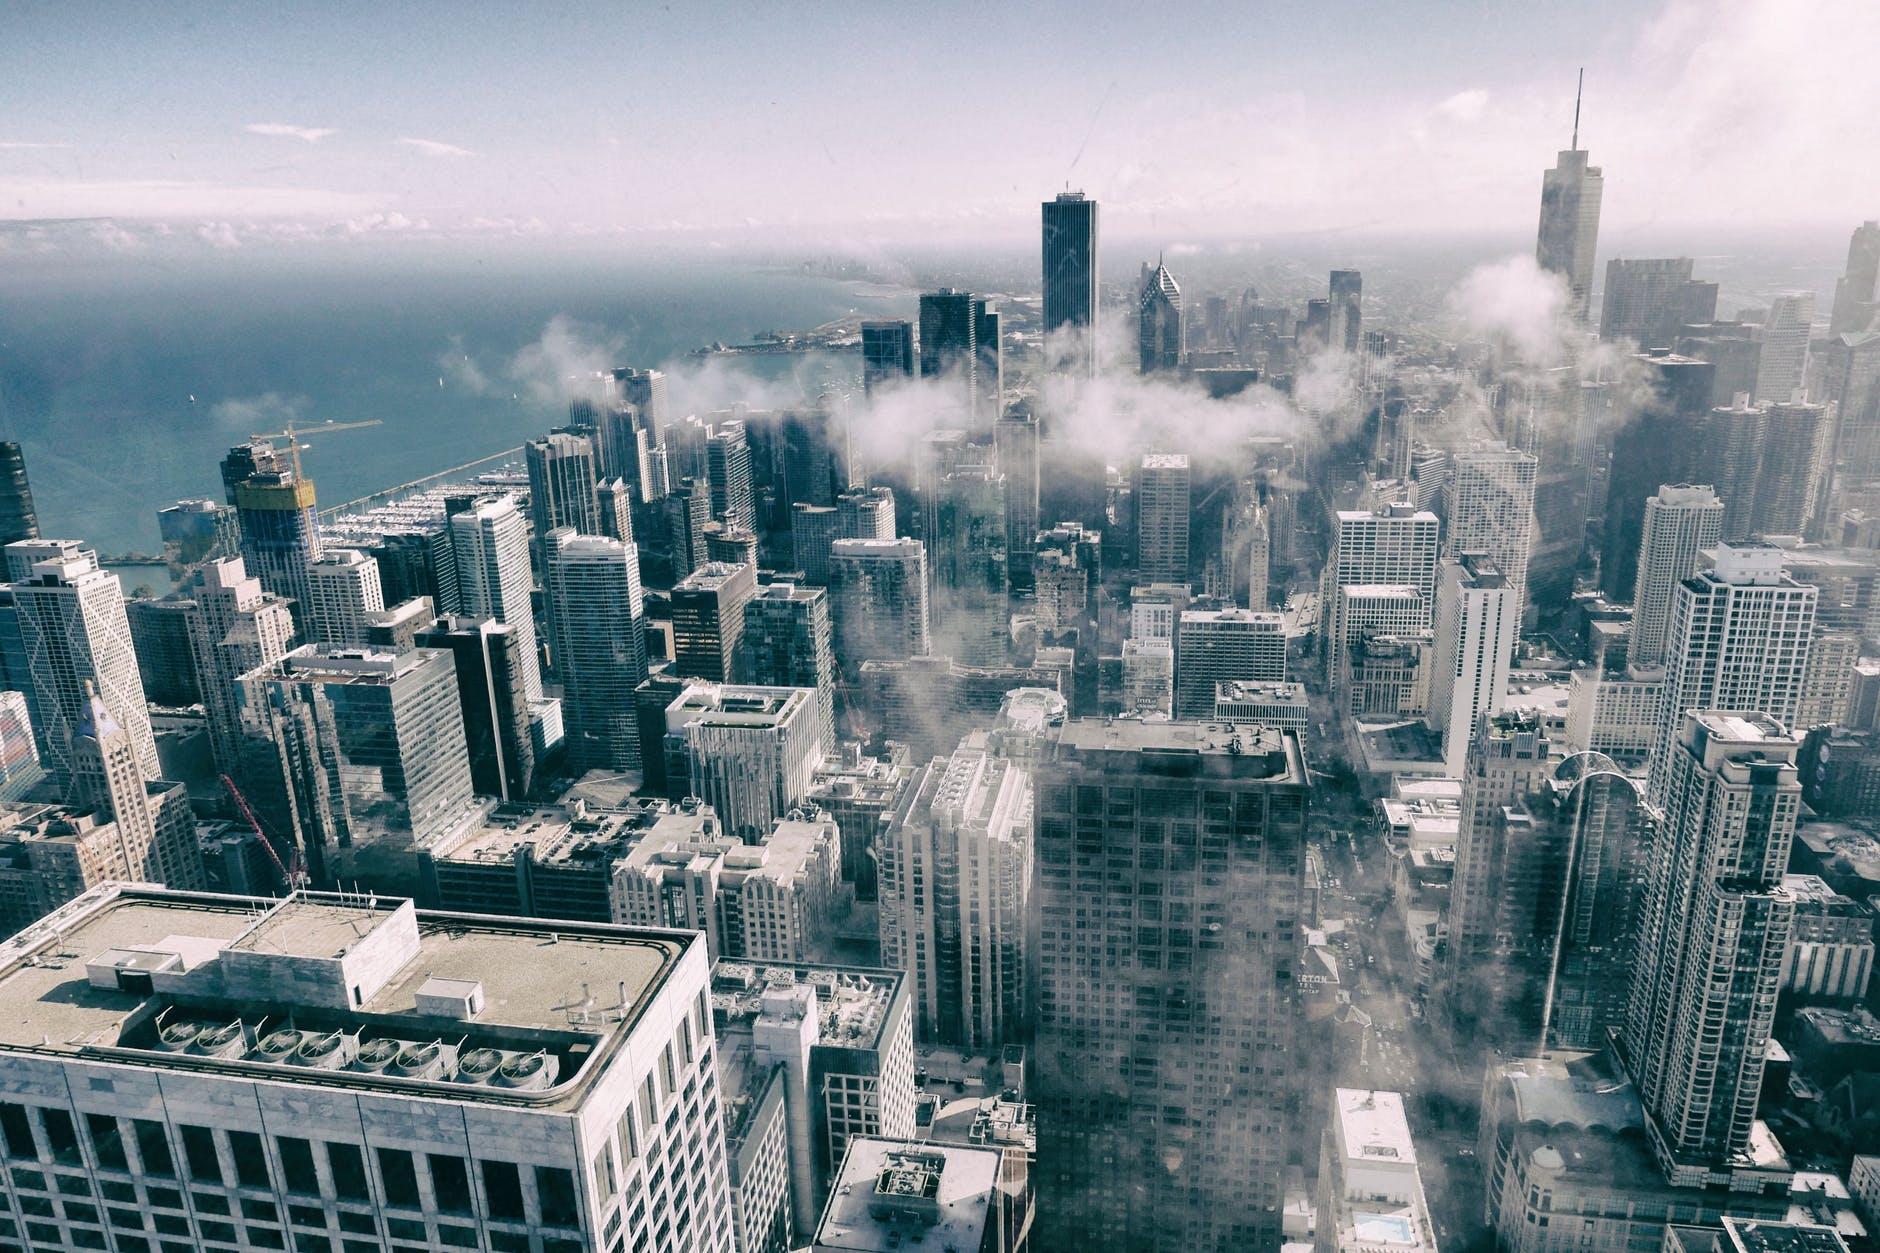 高银金融拟收购香港九龙湾一座写字楼大厦